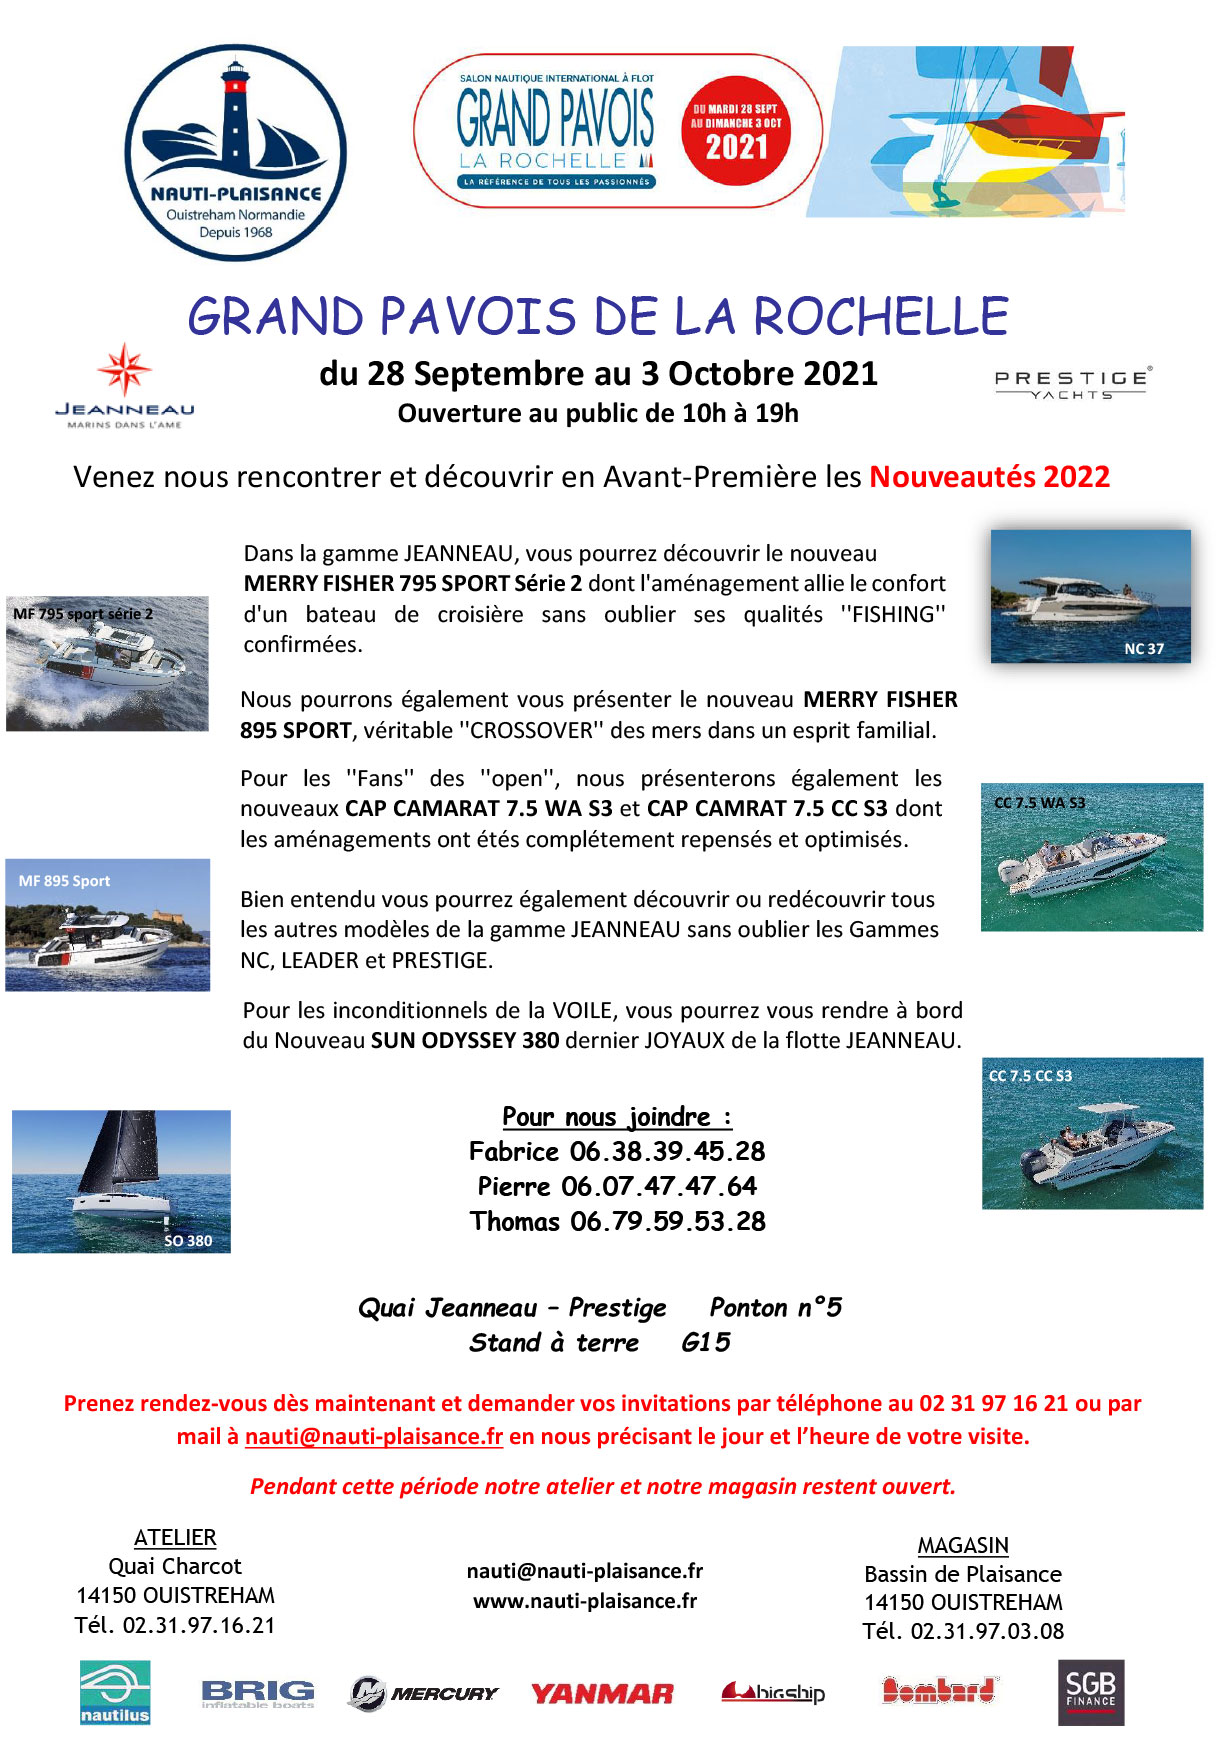 GRAND-PAVOIS-DE-LA-ROCHELLE-2021